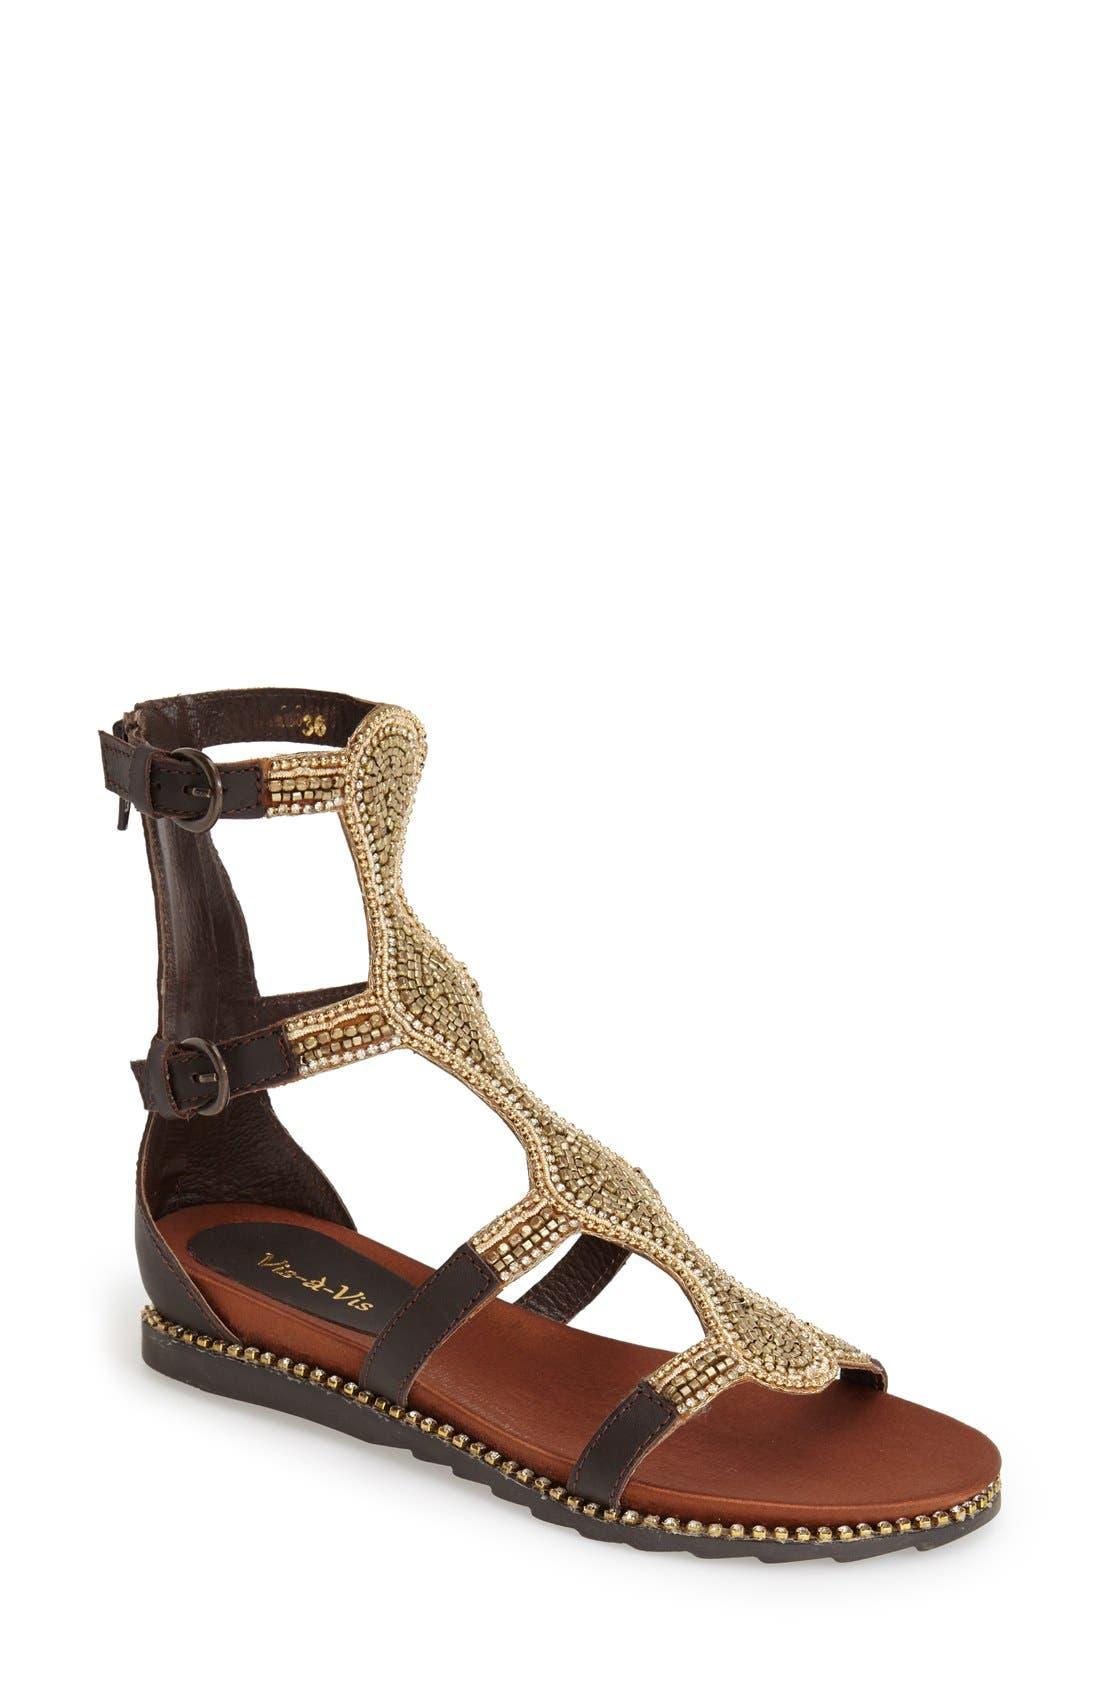 Alternate Image 1 Selected - Vis-à-Vis 'Vaun' Embellished Gladiator Sandal (Women)